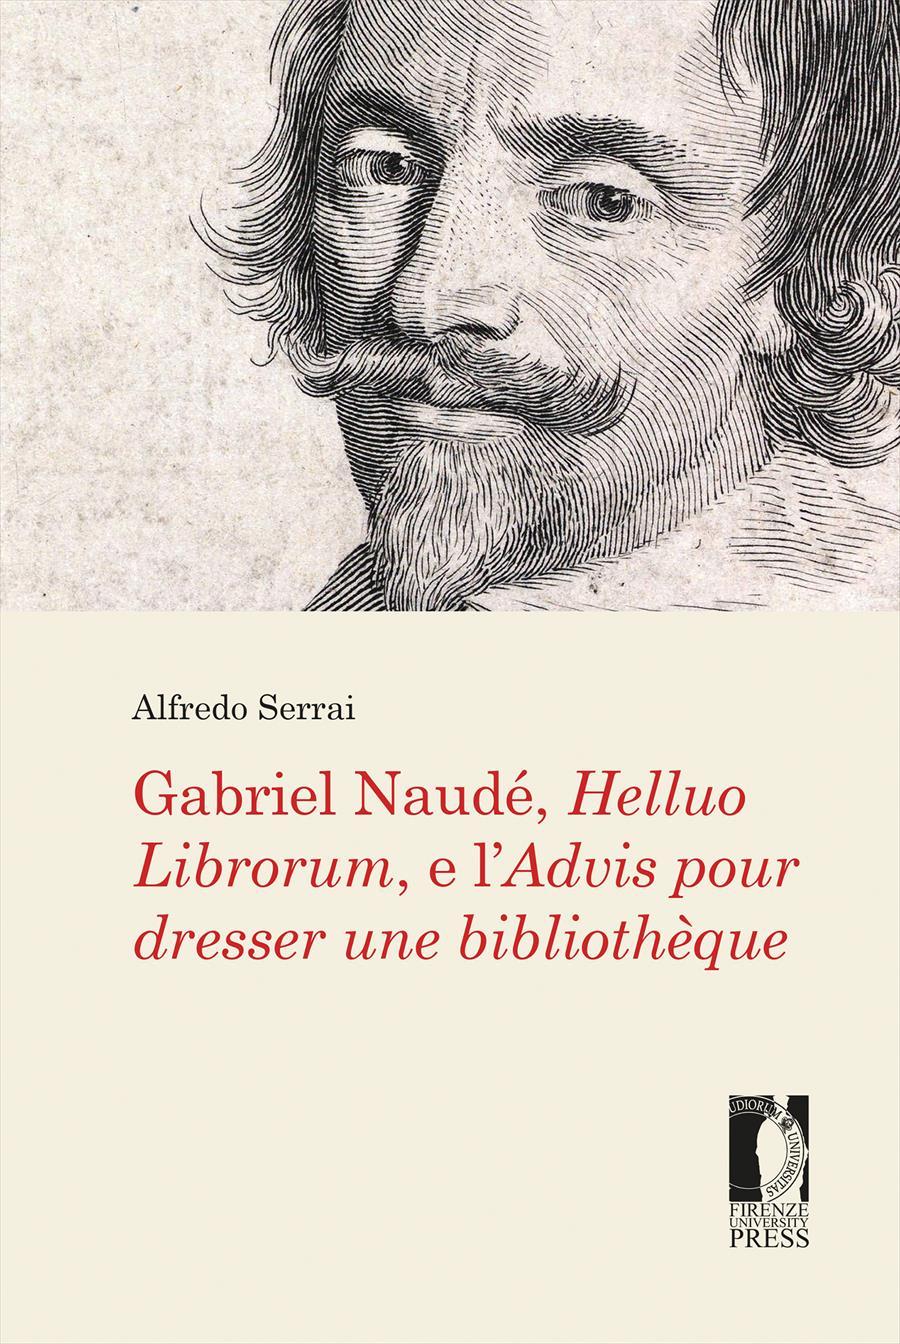 Gabriel Naudé, <i>Helluo Librorum</i>, e l'<i>Advis pour dresser une bibliothèque</i>